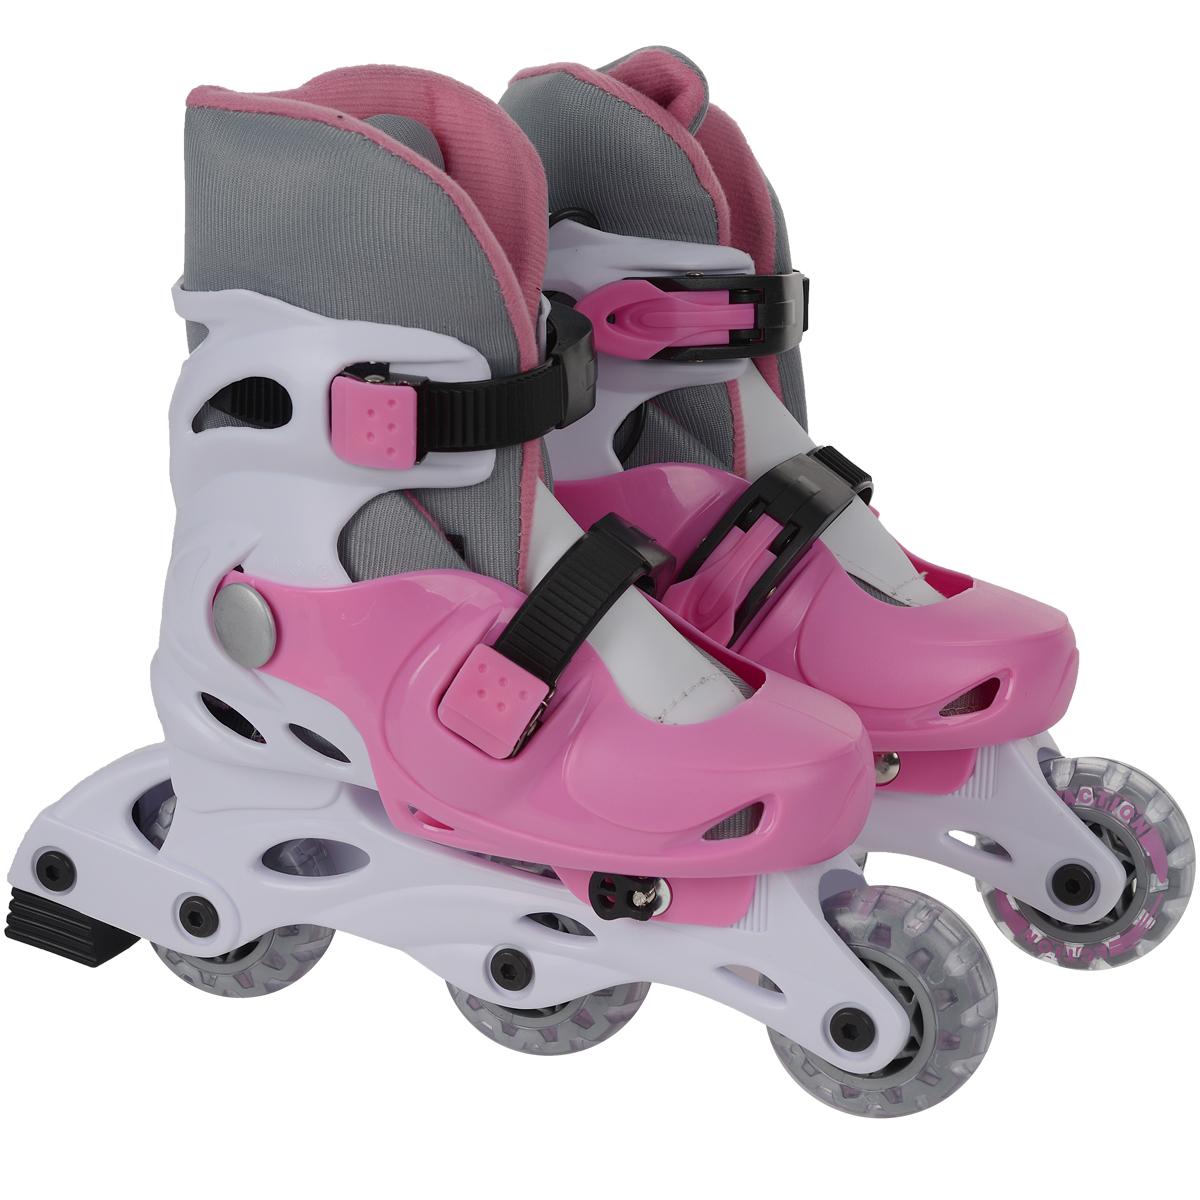 Коньки роликовые Action PW-120, раздвижные, цвет: белый, розовый. Размер 31/34PW-120_1Раздвижные коньки Action PW-120 - это роликовые коньки любительского класса для детей и постоянно растущих подростков, предназначены для занятий спортом и активного отдыха. Коньки имеют пластиковый ботинок с раздвижным механизмом, что обеспечивает хорошую посадку и пластичность, а для еще более комфортного катания ботинки коньков оснащены двумя клипсами с фиксаторами. Облегченная, анатомически облегающая конструкция обеспечивает улучшенную боковую поддержку и полный контроль над движением.Модель снабжена системой Parallel Wheels: возможность переставлять задние колеса в два ряда для большей устойчивости. Второе колесо с конца можно снять и разместить на оси параллельно с последним колесом. Для перестановки колес в комплект входит необходимый набор осей и ключ-шестигранник.Диаметр колес 64 мм.Жесткость колеса: 82А. Тип фиксации: две клипсы с фиксаторами. Максимальный вес пользователя: 40 кг.В каждой модели роликов есть тормоз. УВАЖАЕМЫЕ КЛИЕНТЫ!Обращаем ваше внимание на различие в количестве колес в зависимости от размеров роликов: ролики размером 31/34 поставляются с 3 колесами (система Parallel Wheels), размером 35/38 - с 4.